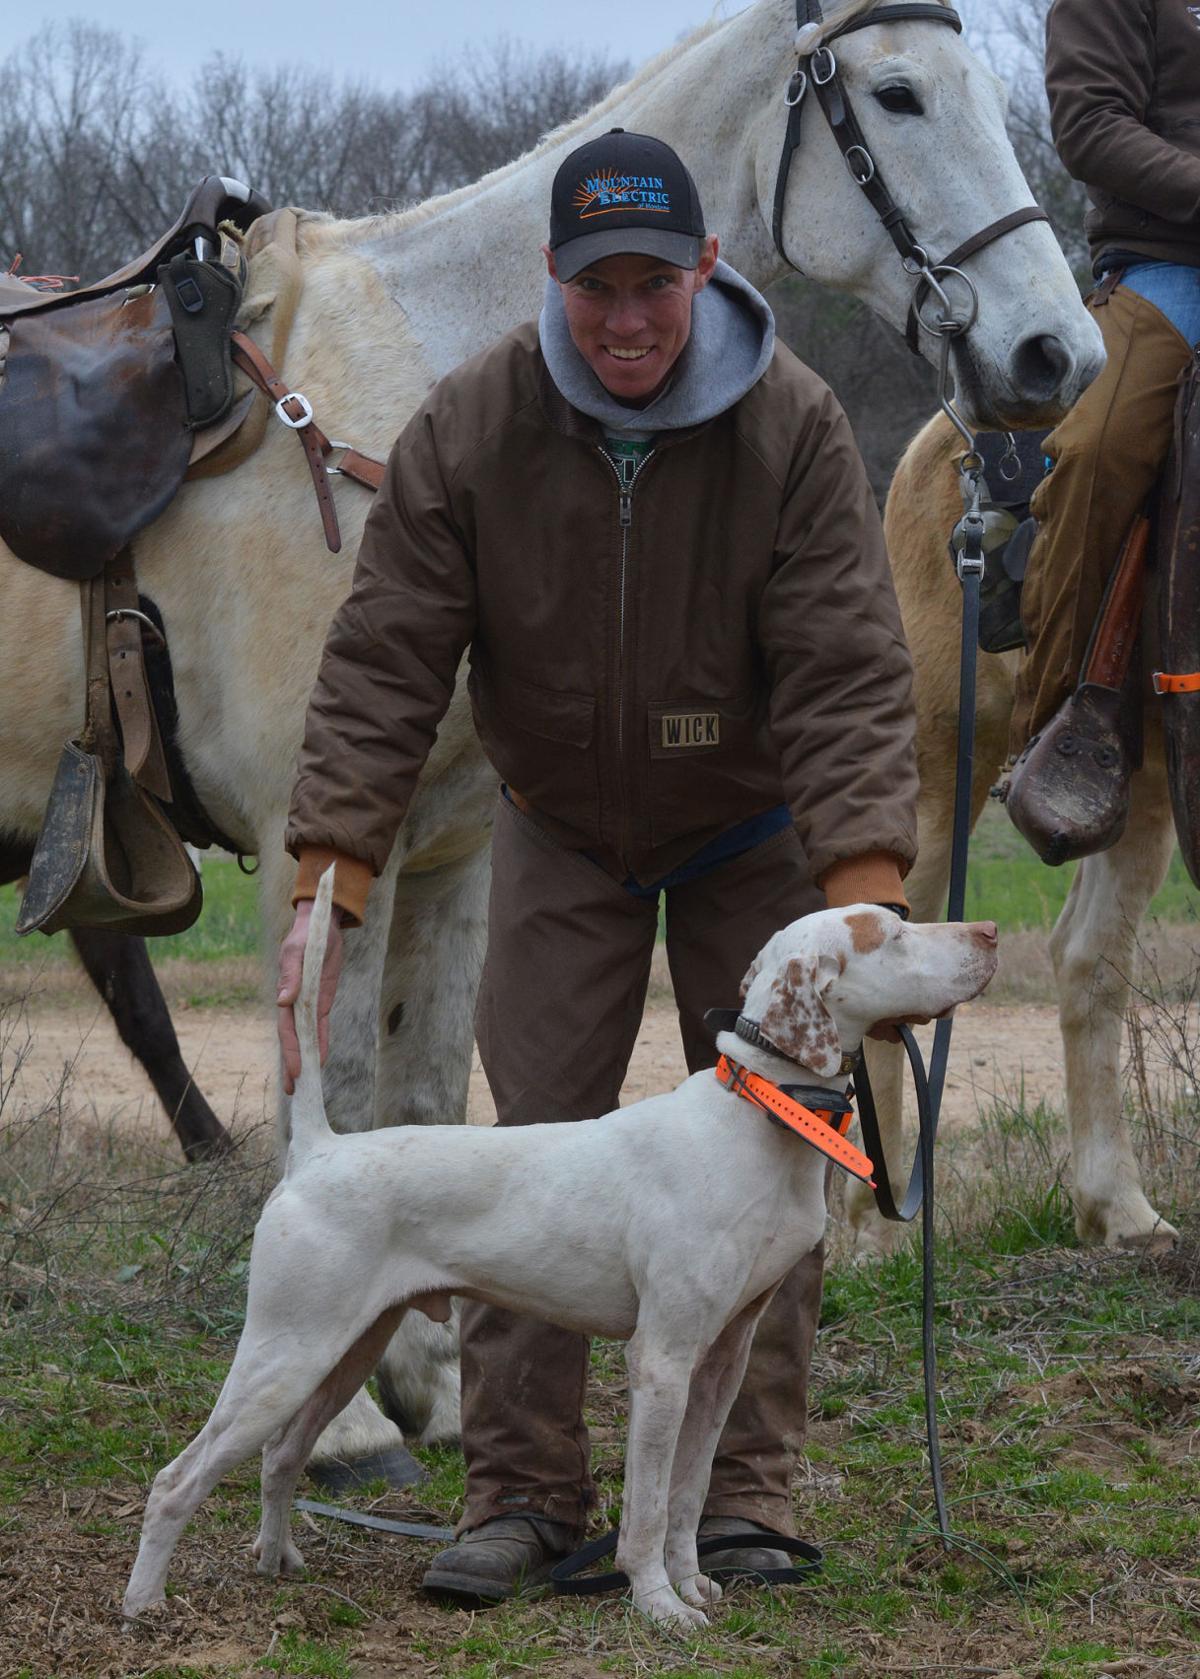 field dog trials to showcase bird dogs